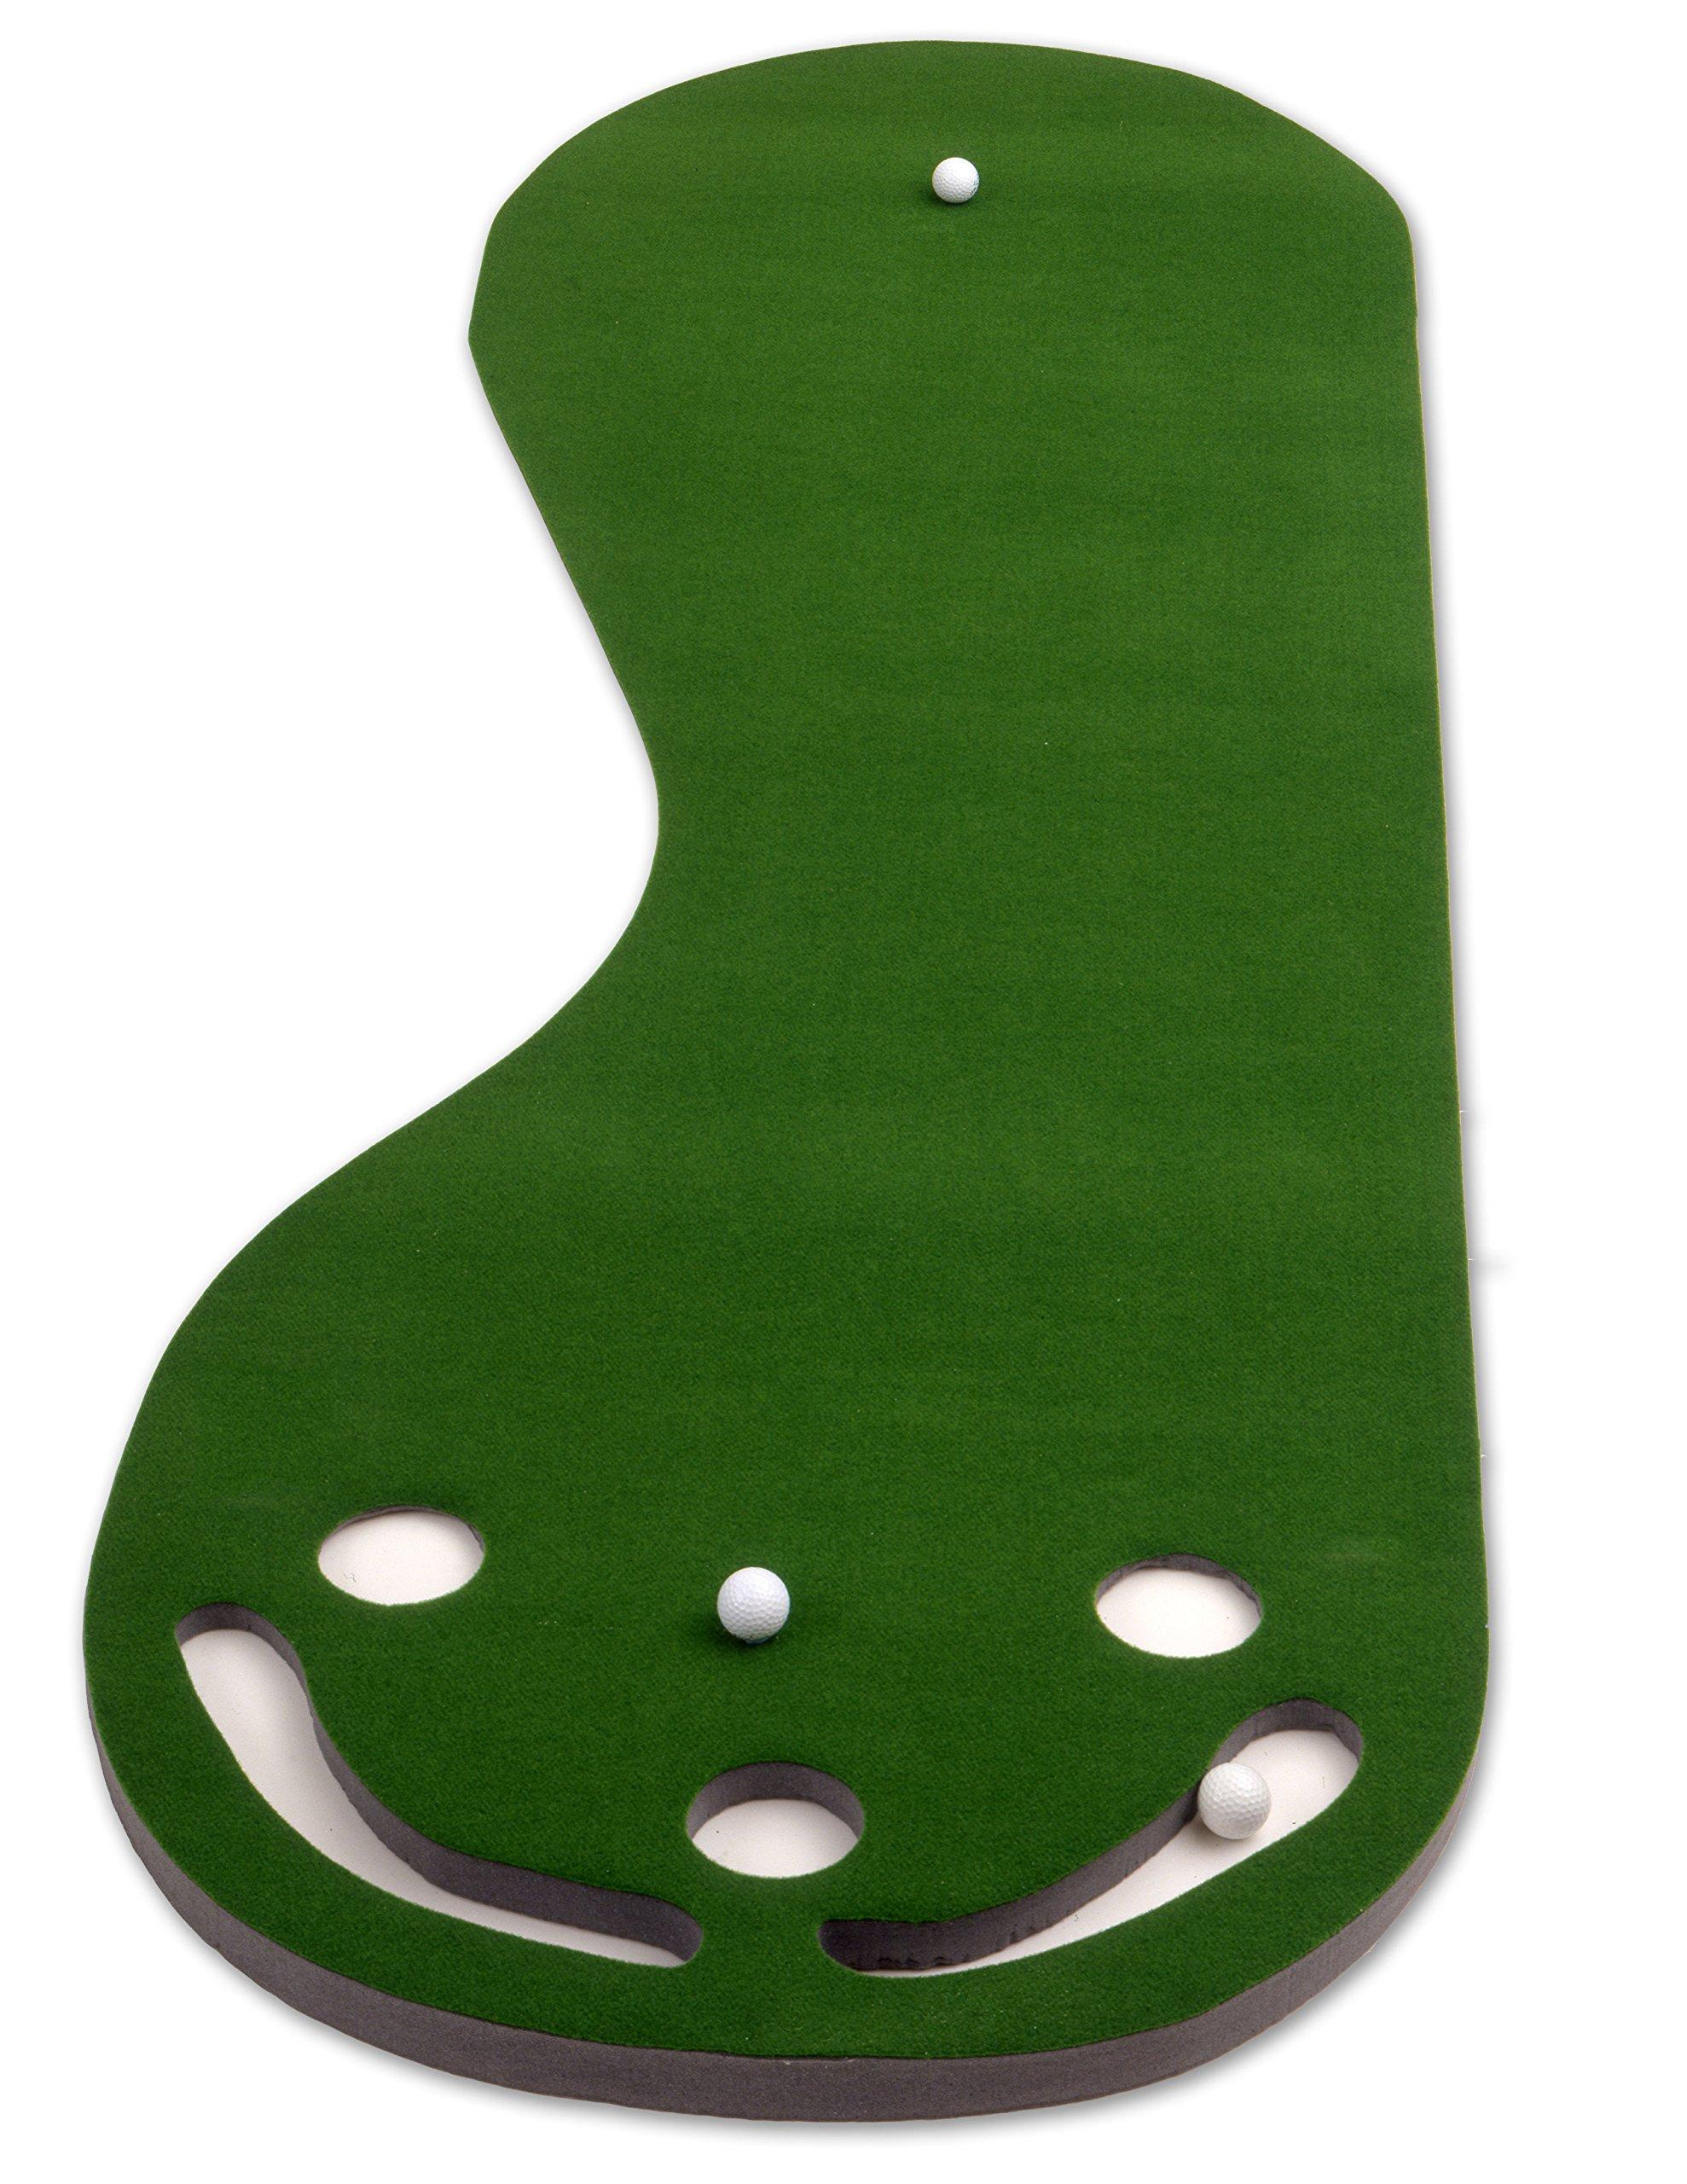 Putt-A-Bout Grassroots Par Three Putting Green (9-feet x 3-feet) by Putt-A-Bout